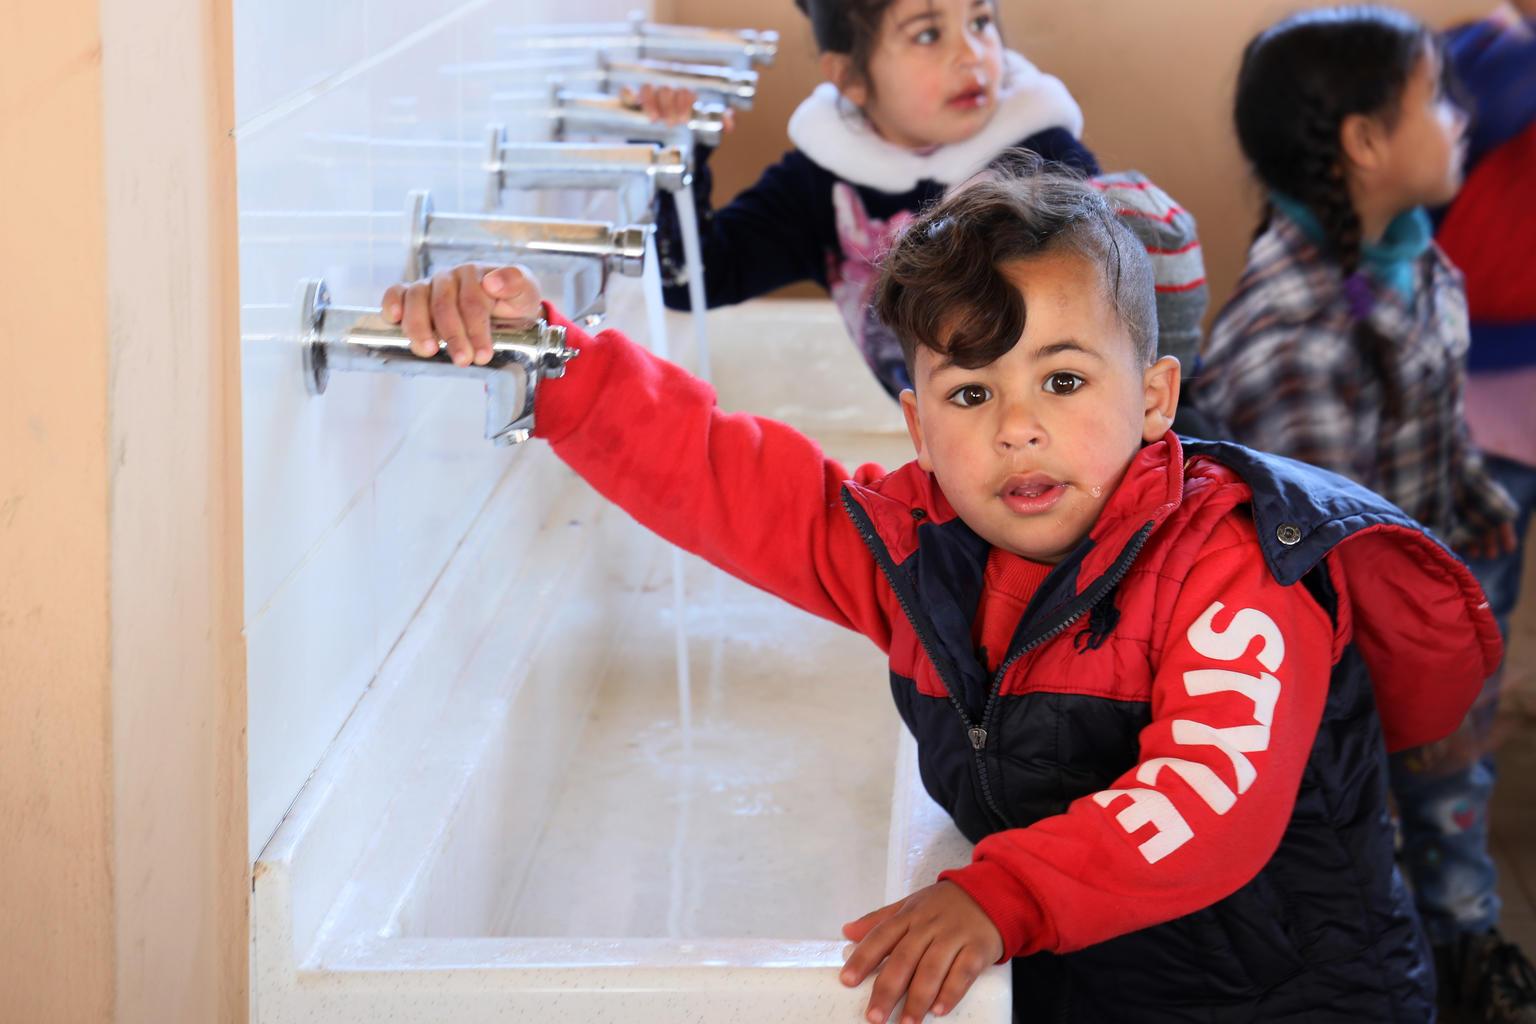 Oppilaat pesevät kätensä uudessa vesipisteessä. UNICEF kunnosti Hnayderin koulun tukeakseen syyrialaisten pakolaisten koulunkäyntiä Libanonissa. Kuva: © UNICEF/UNI315740